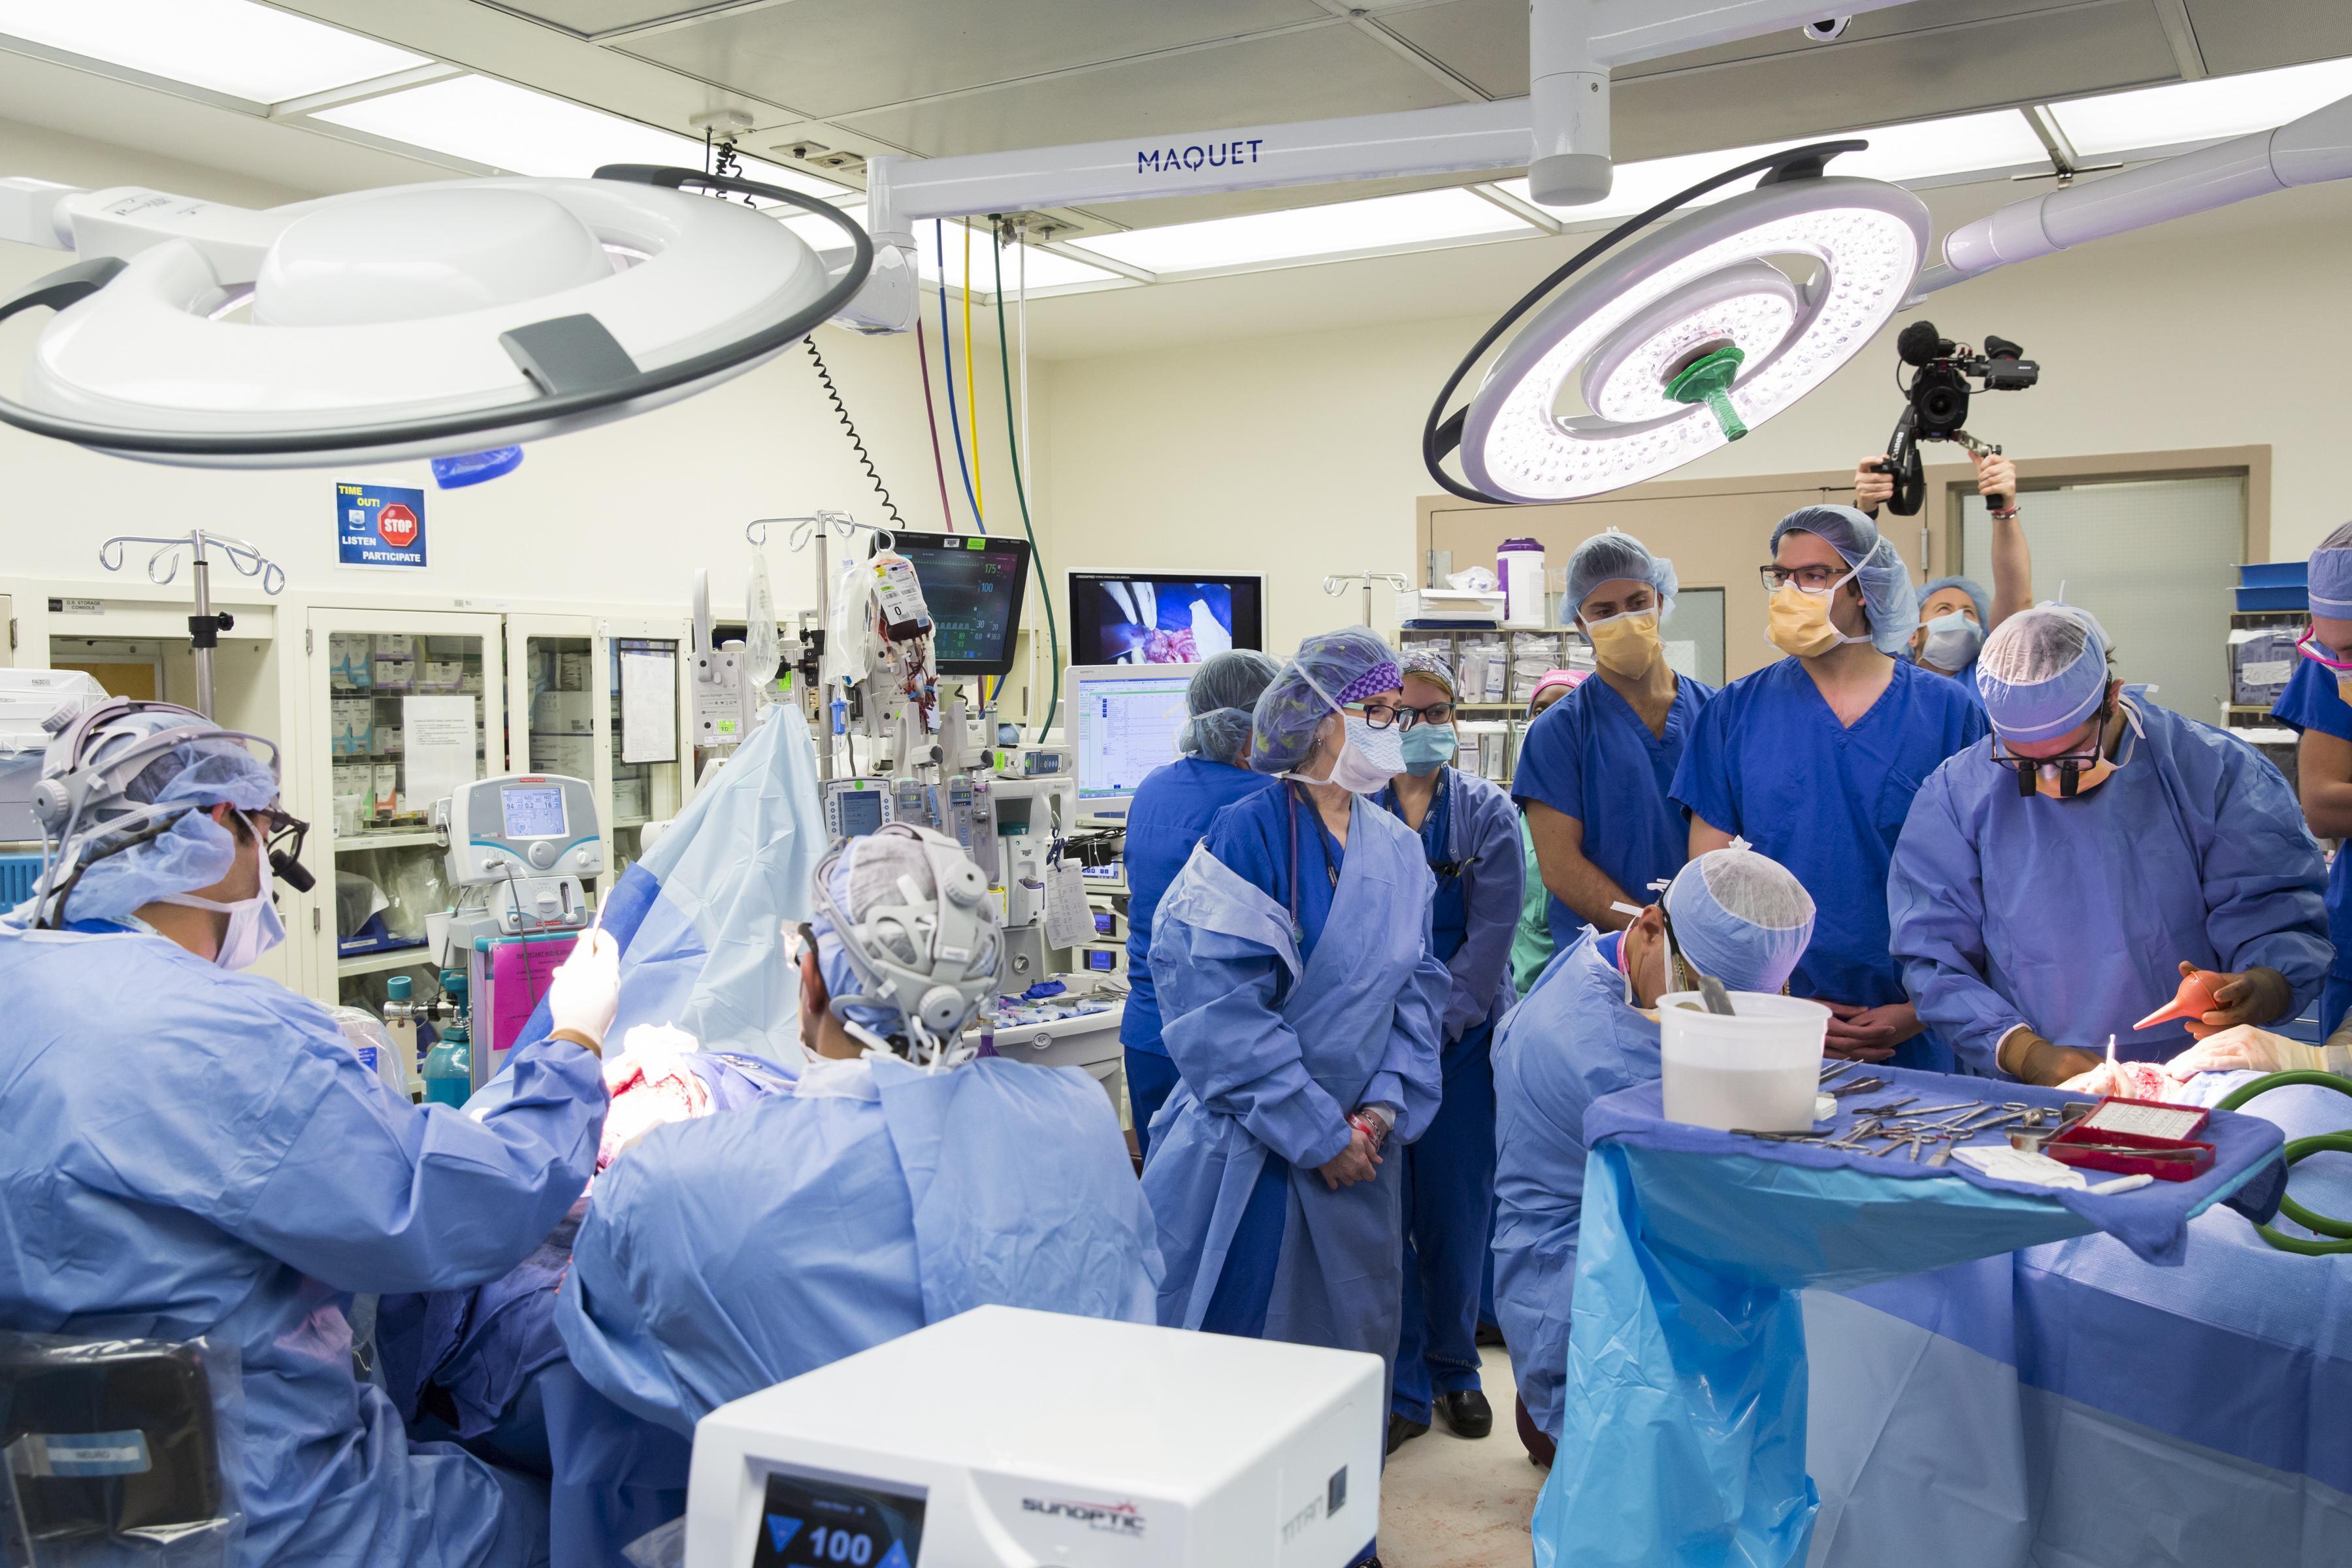 В США проведена уникальная операция по разделению сиамских близнецов, сросшихся головами